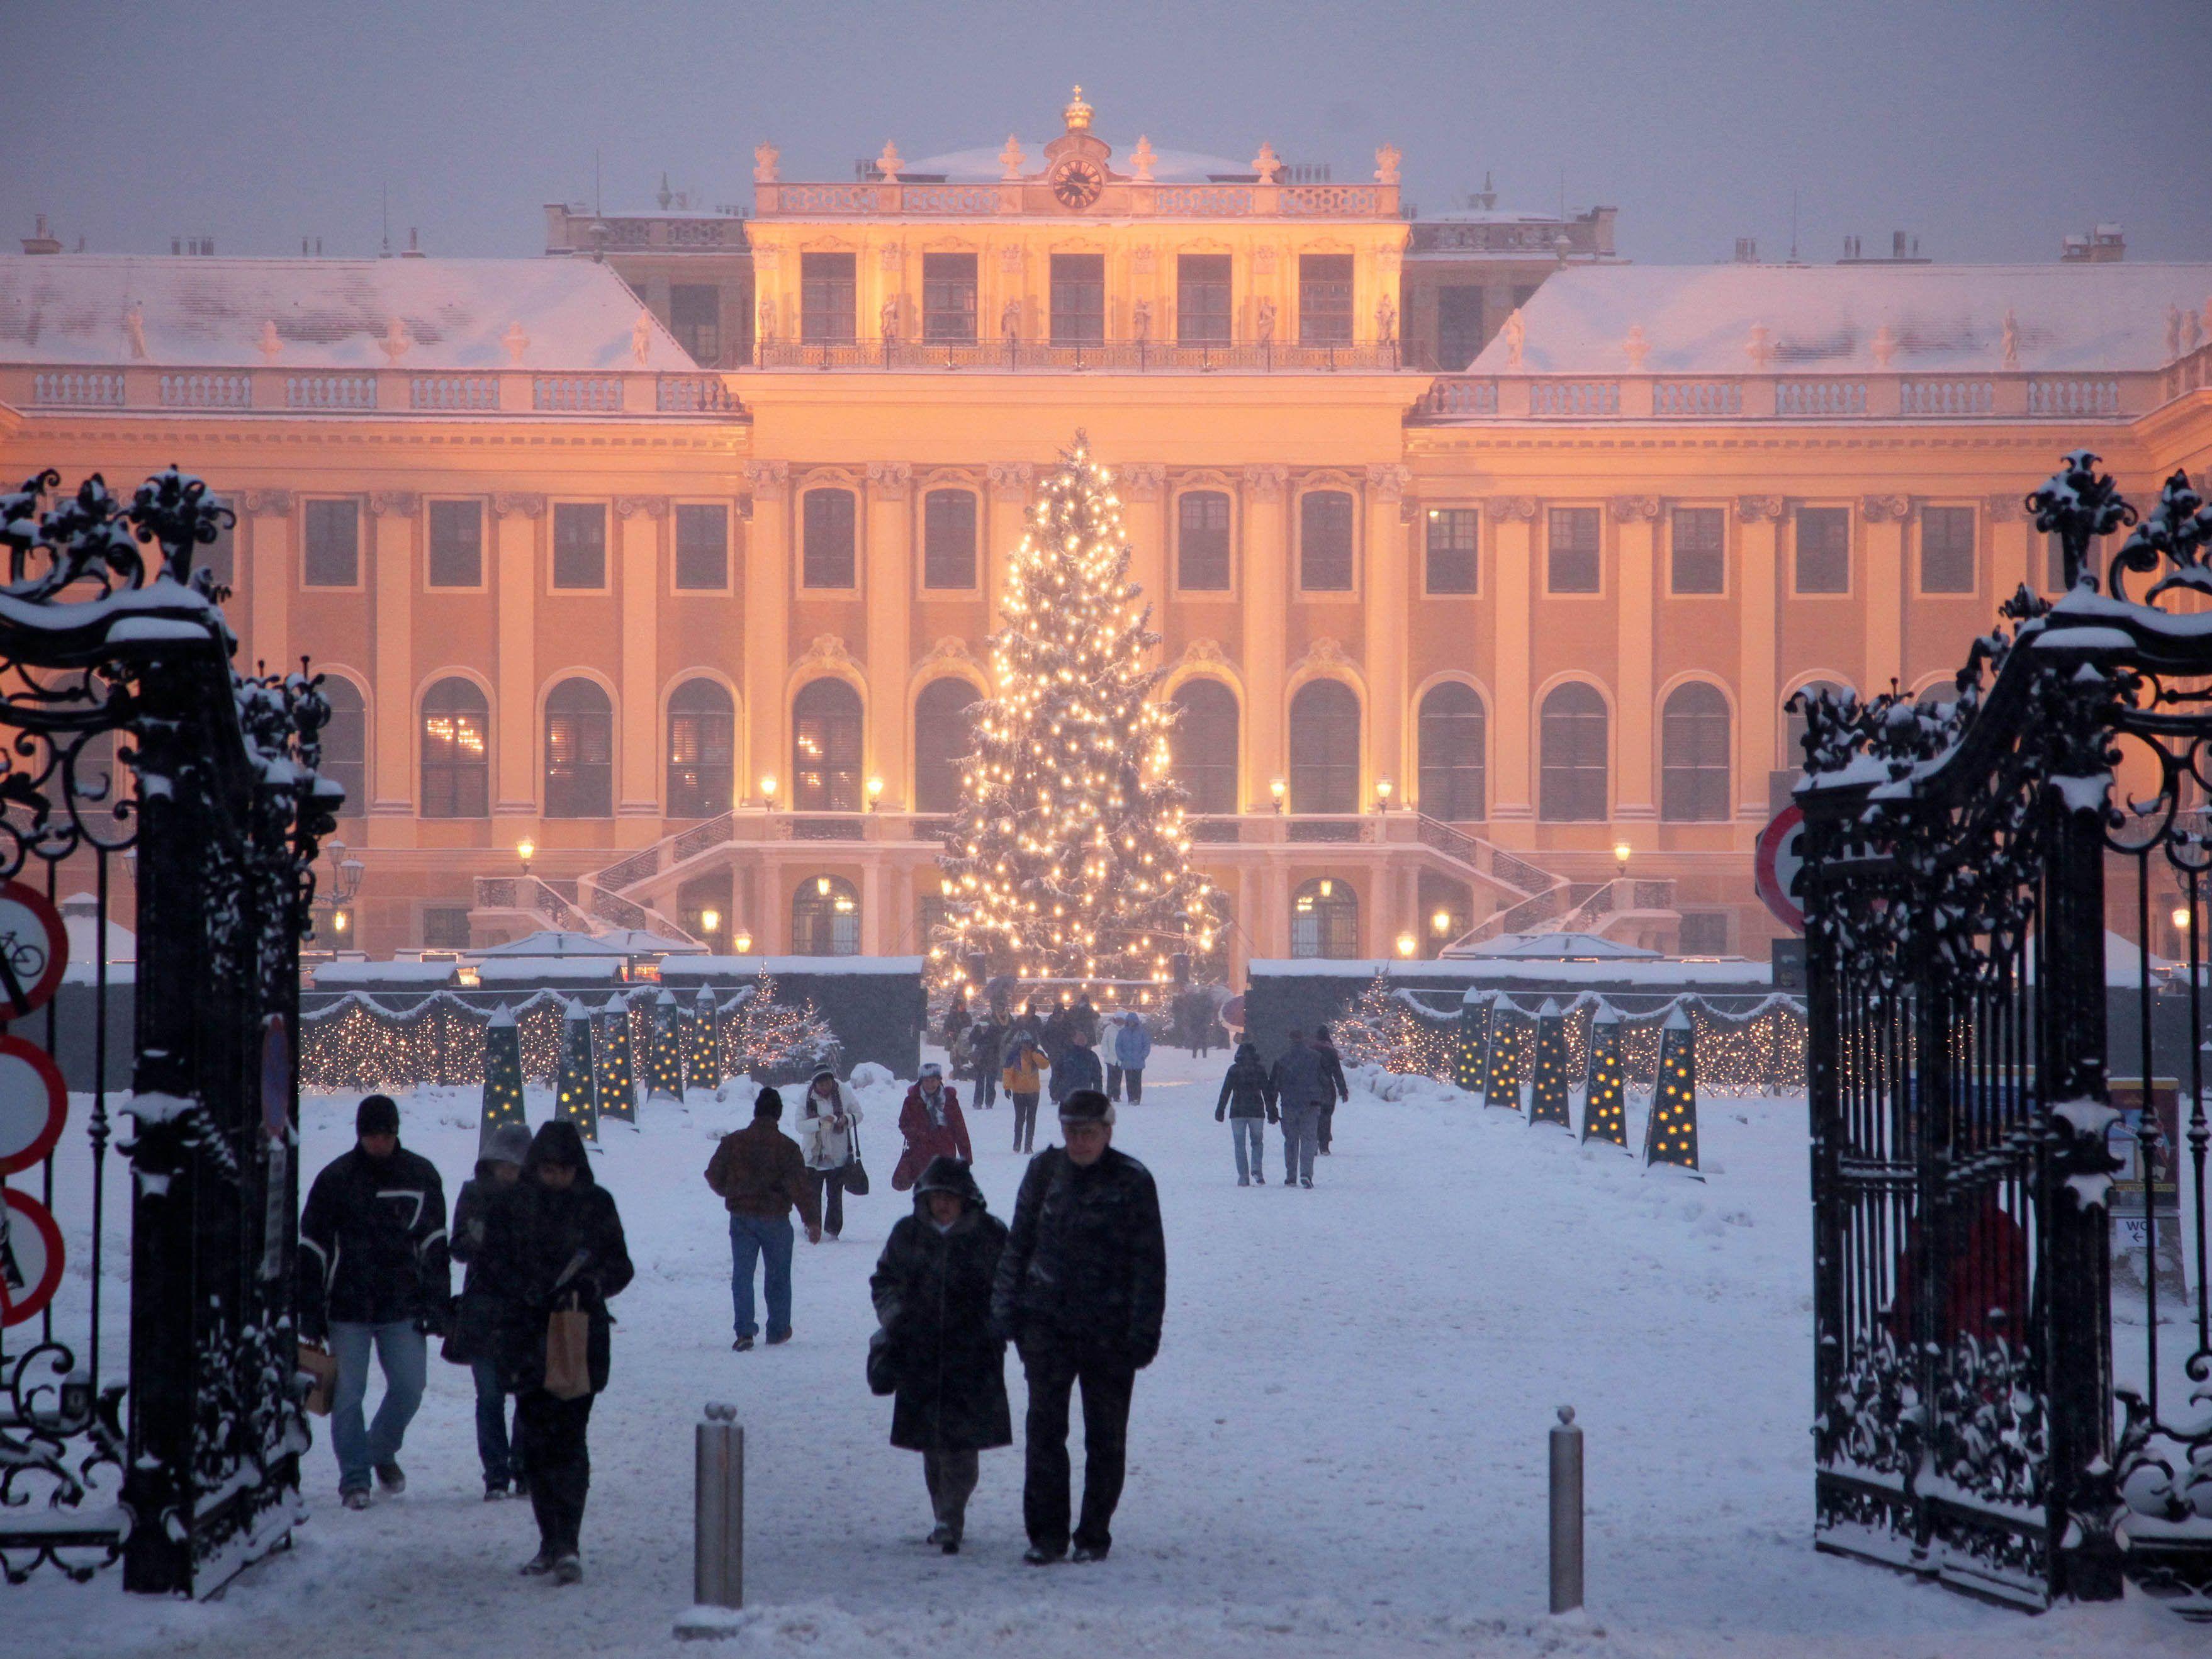 Weihnachtsmarkt Wien Eröffnung.Am 18 November Eröffnet Der Weihnachtsmarkt Schloss Schönbrunn 2017